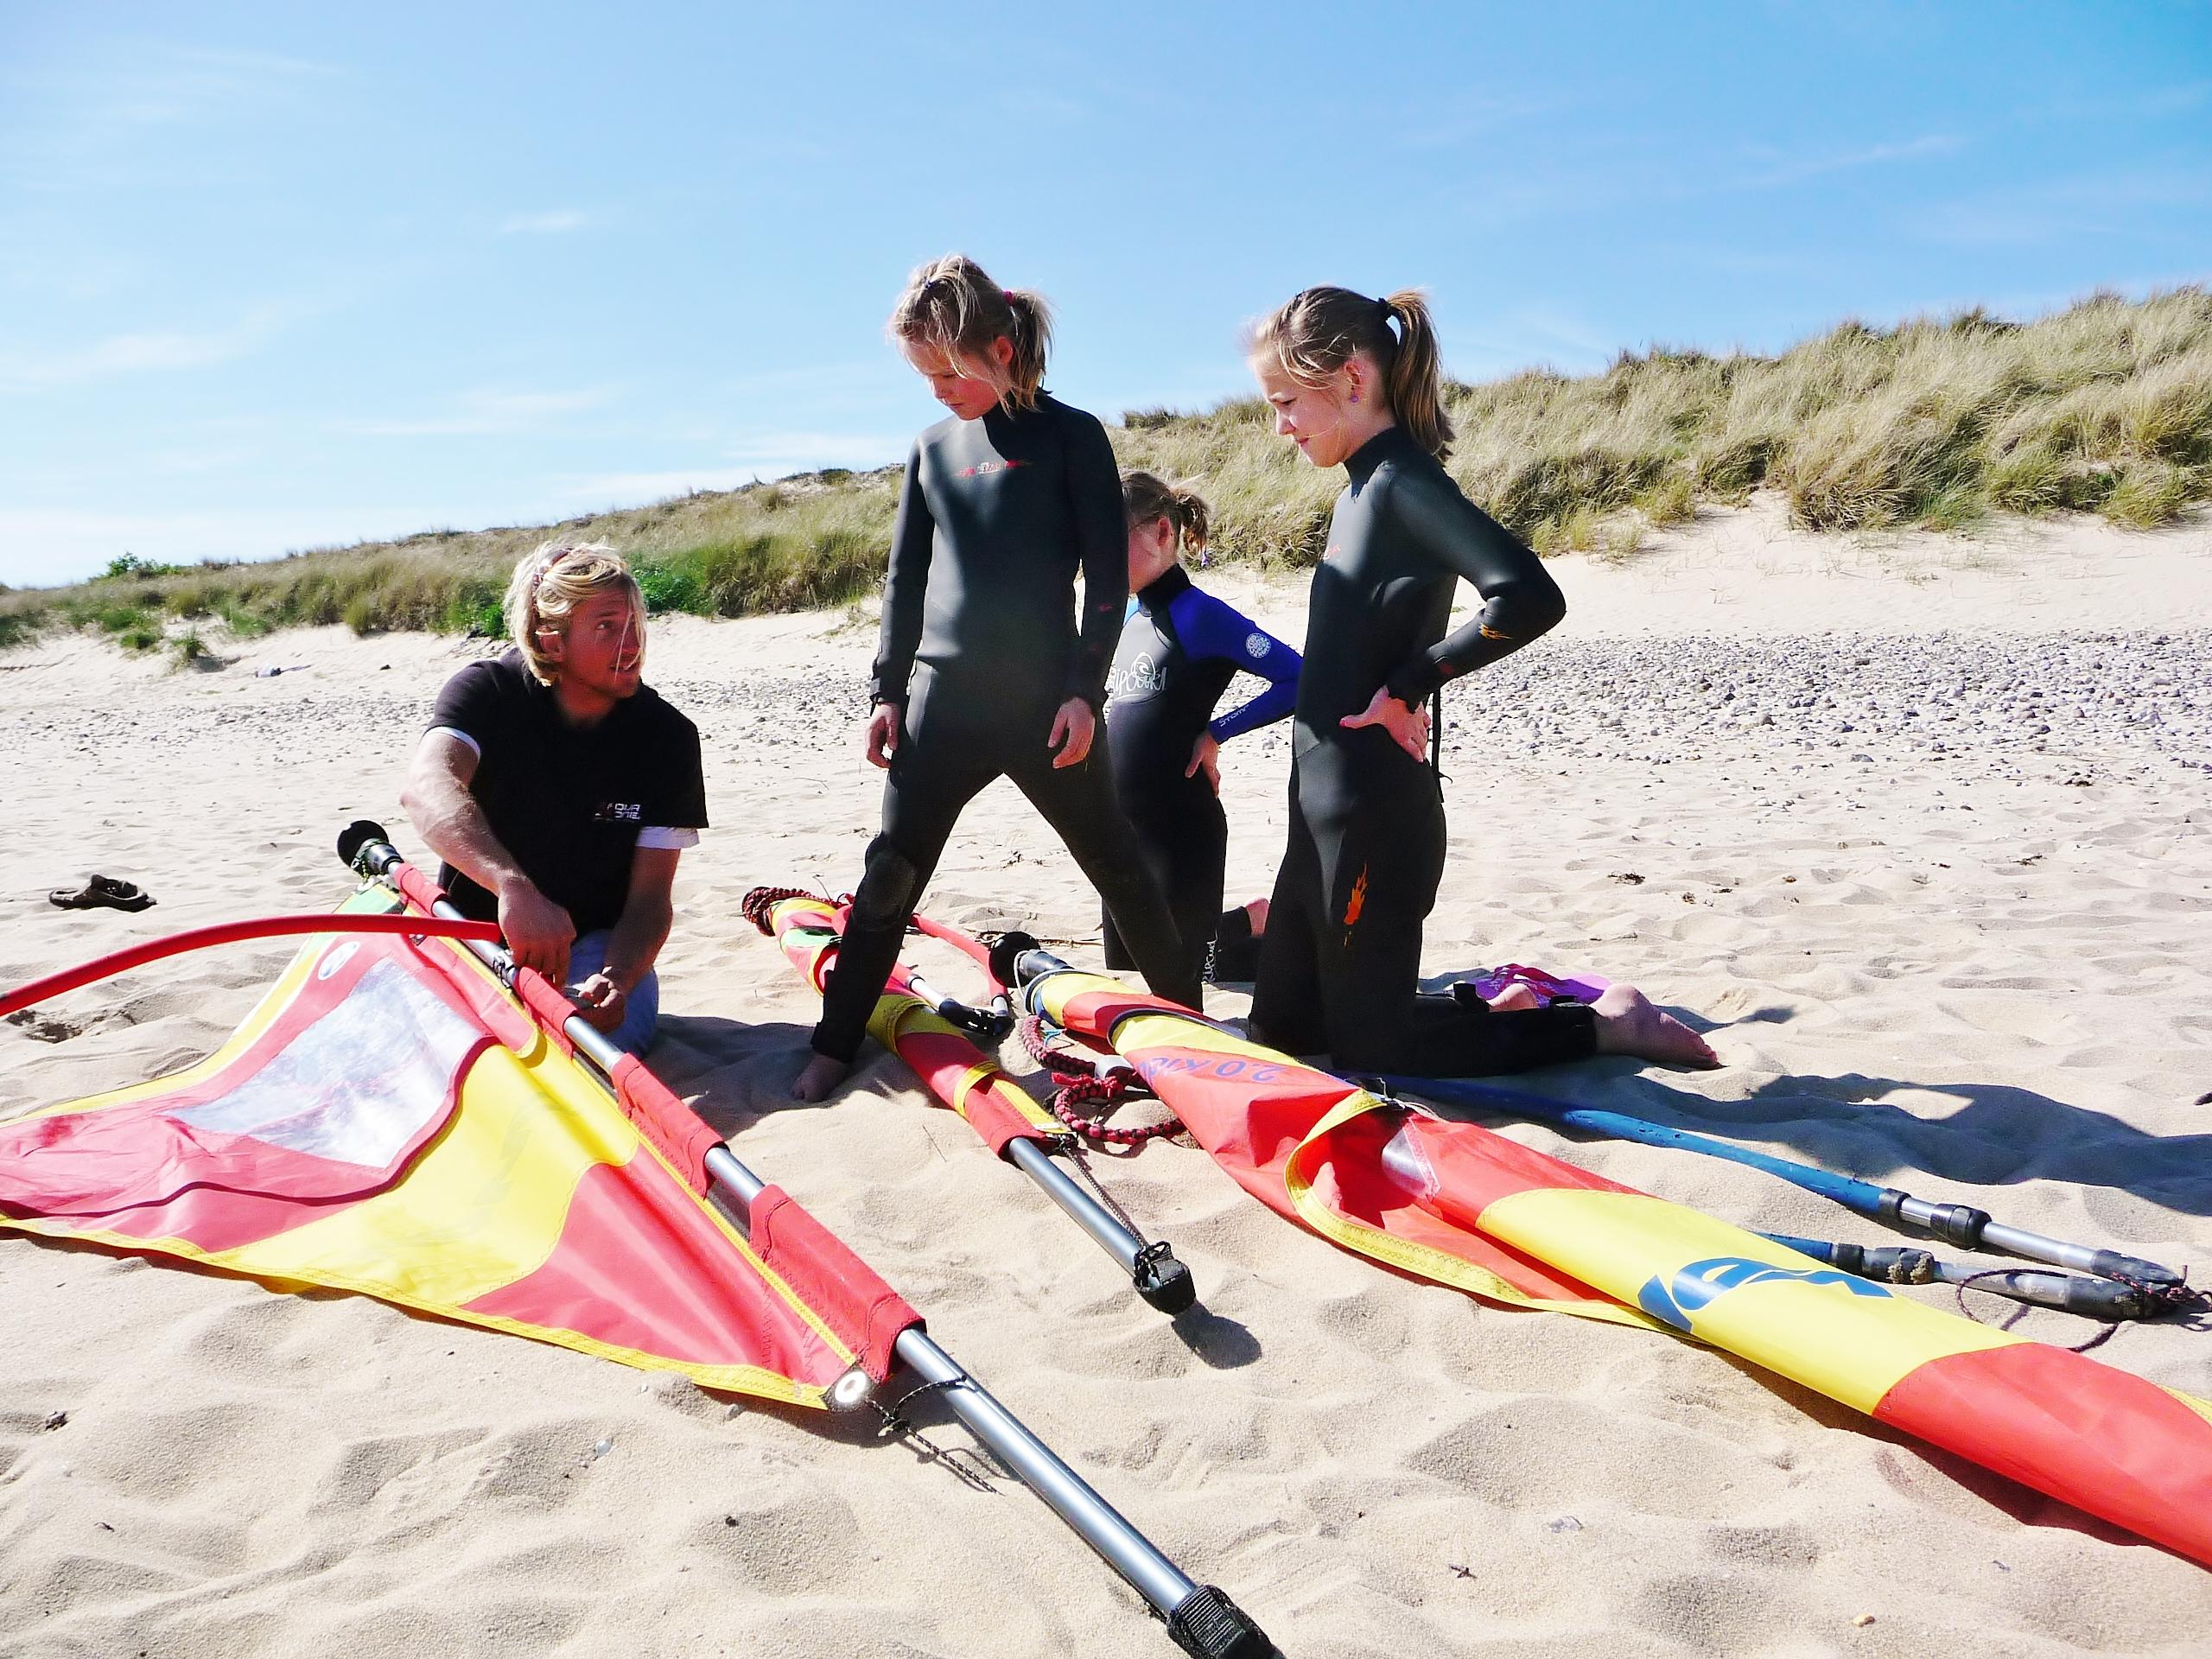 Das Wassersportcenter Hoernum von Suedkap Surfing Sylt | Segelschule, Kiteschule, Windsurfschule SUP Schule an der Nordsee